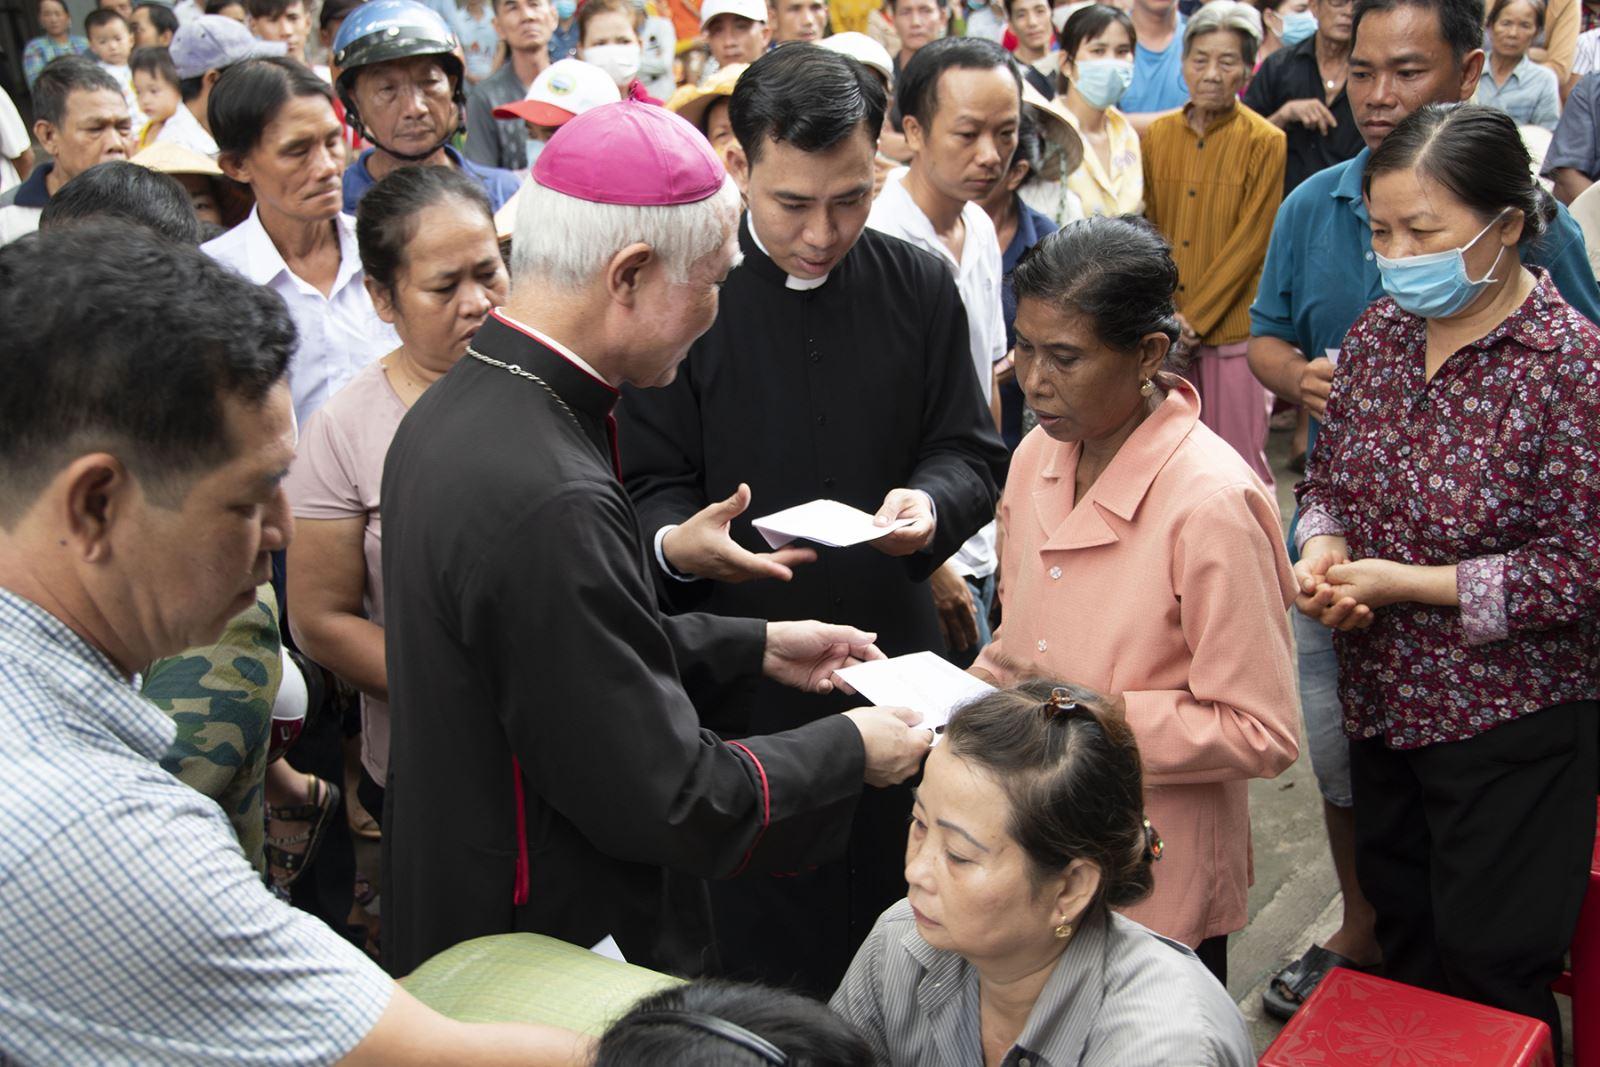 Đức Cha Giáo phận gặp gỡ và chia sẻ anh chị em di dân thất nghiệp, khó khăn.